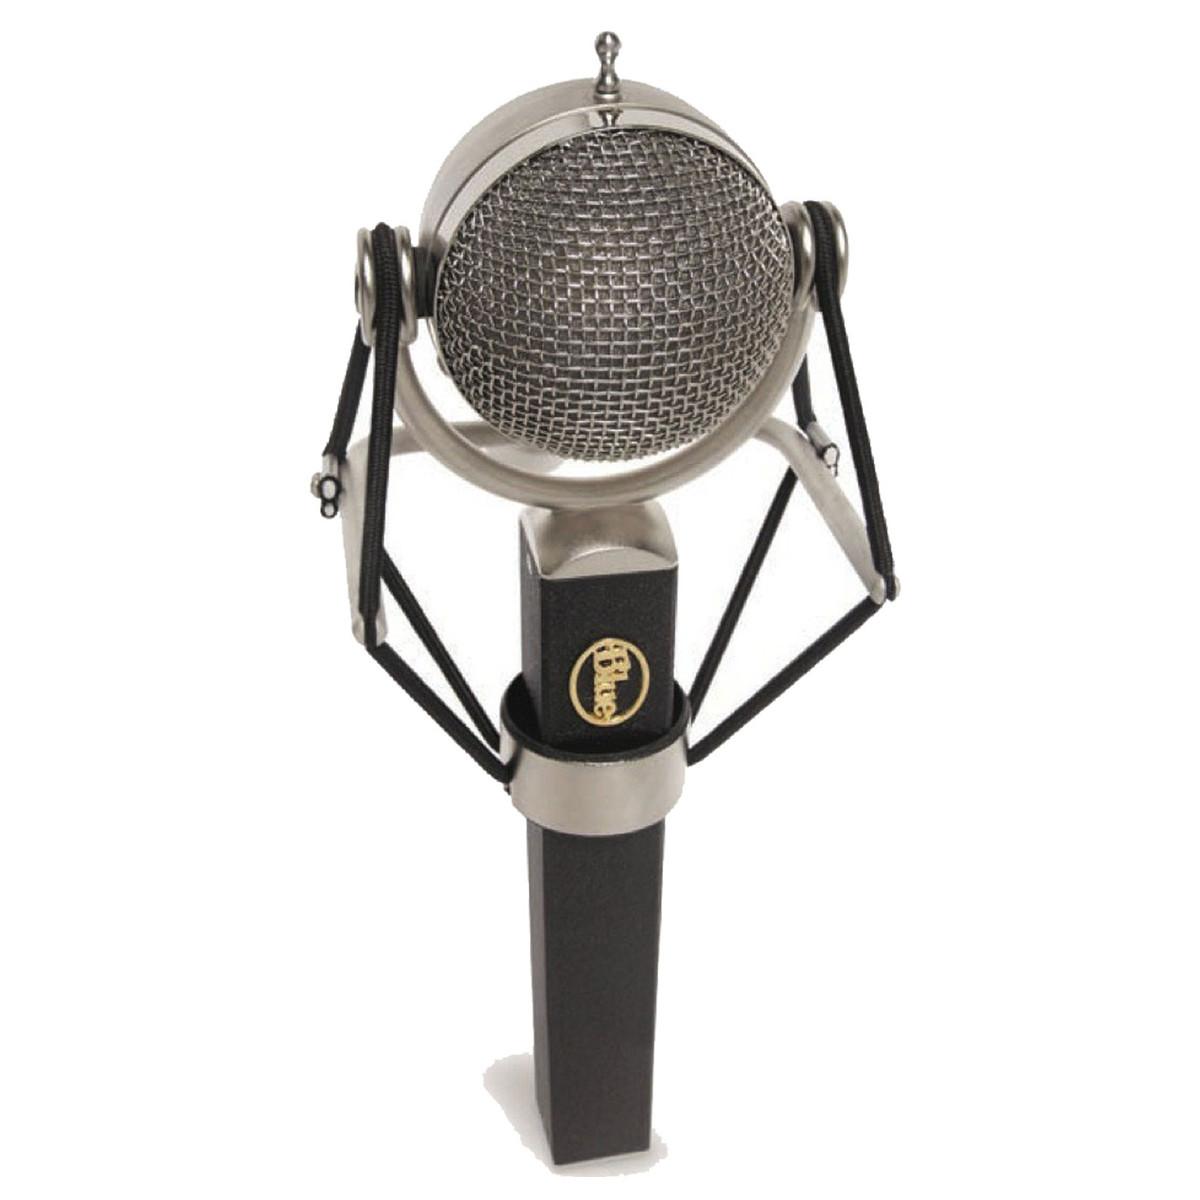 Blue Dragonfly Mic : blue dragonfly cardioid condenser microphone at ~ Russianpoet.info Haus und Dekorationen